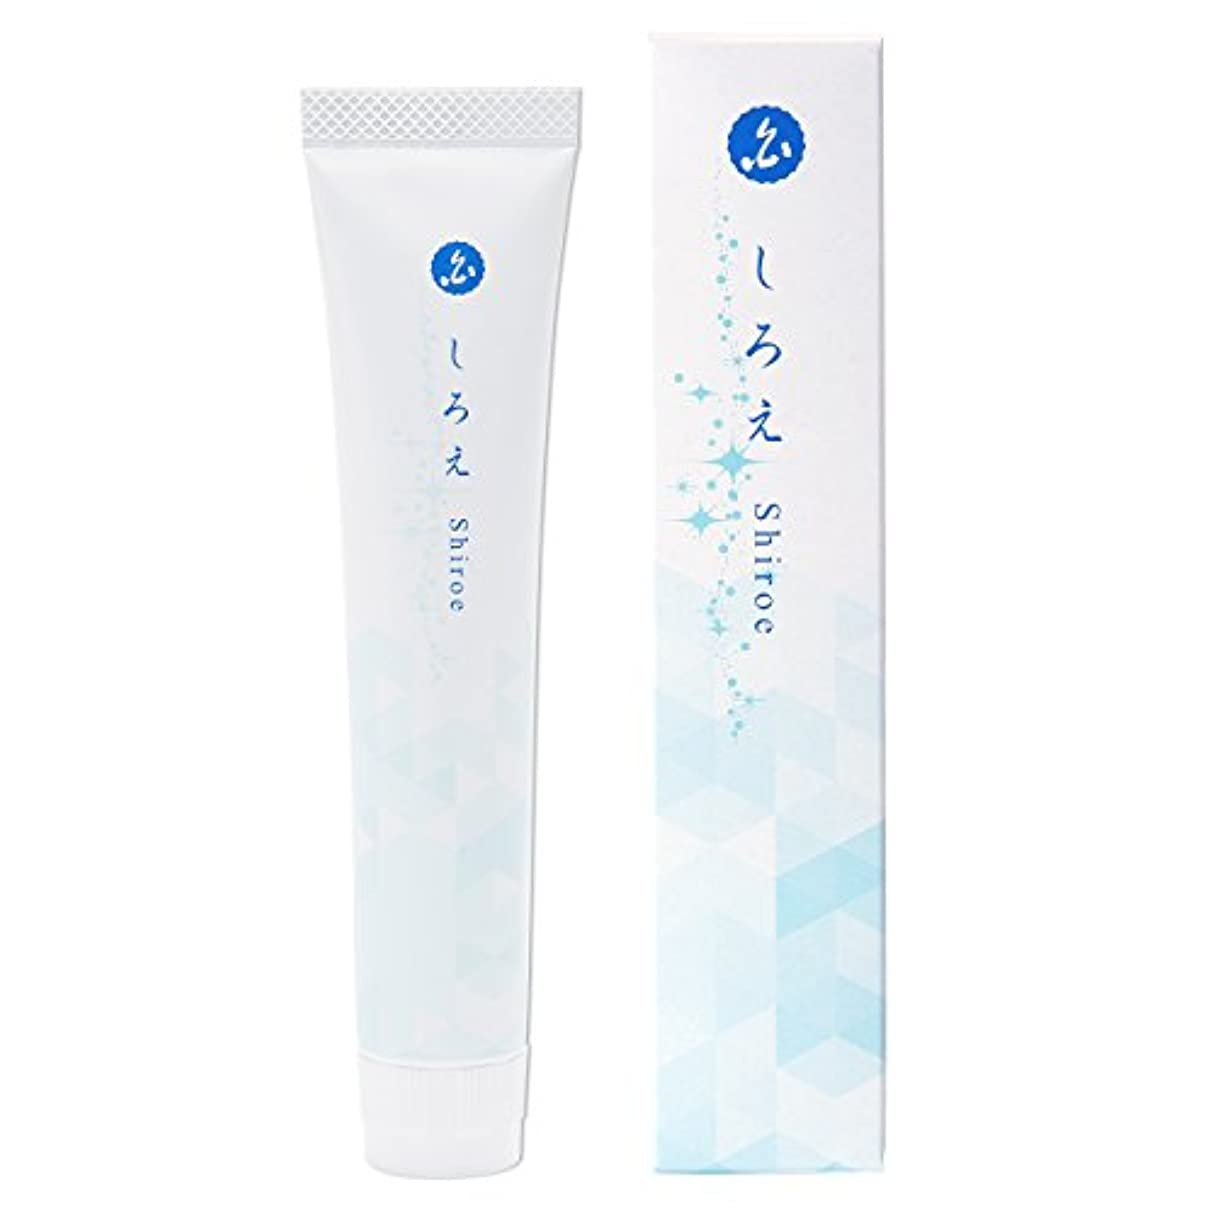 損なうタブレットウィンクしろえ 歯磨きジェル 歯磨き粉 ホワイトニング はみがき粉 医薬部外品 薬用 ジェル状歯磨き 50g 日本製